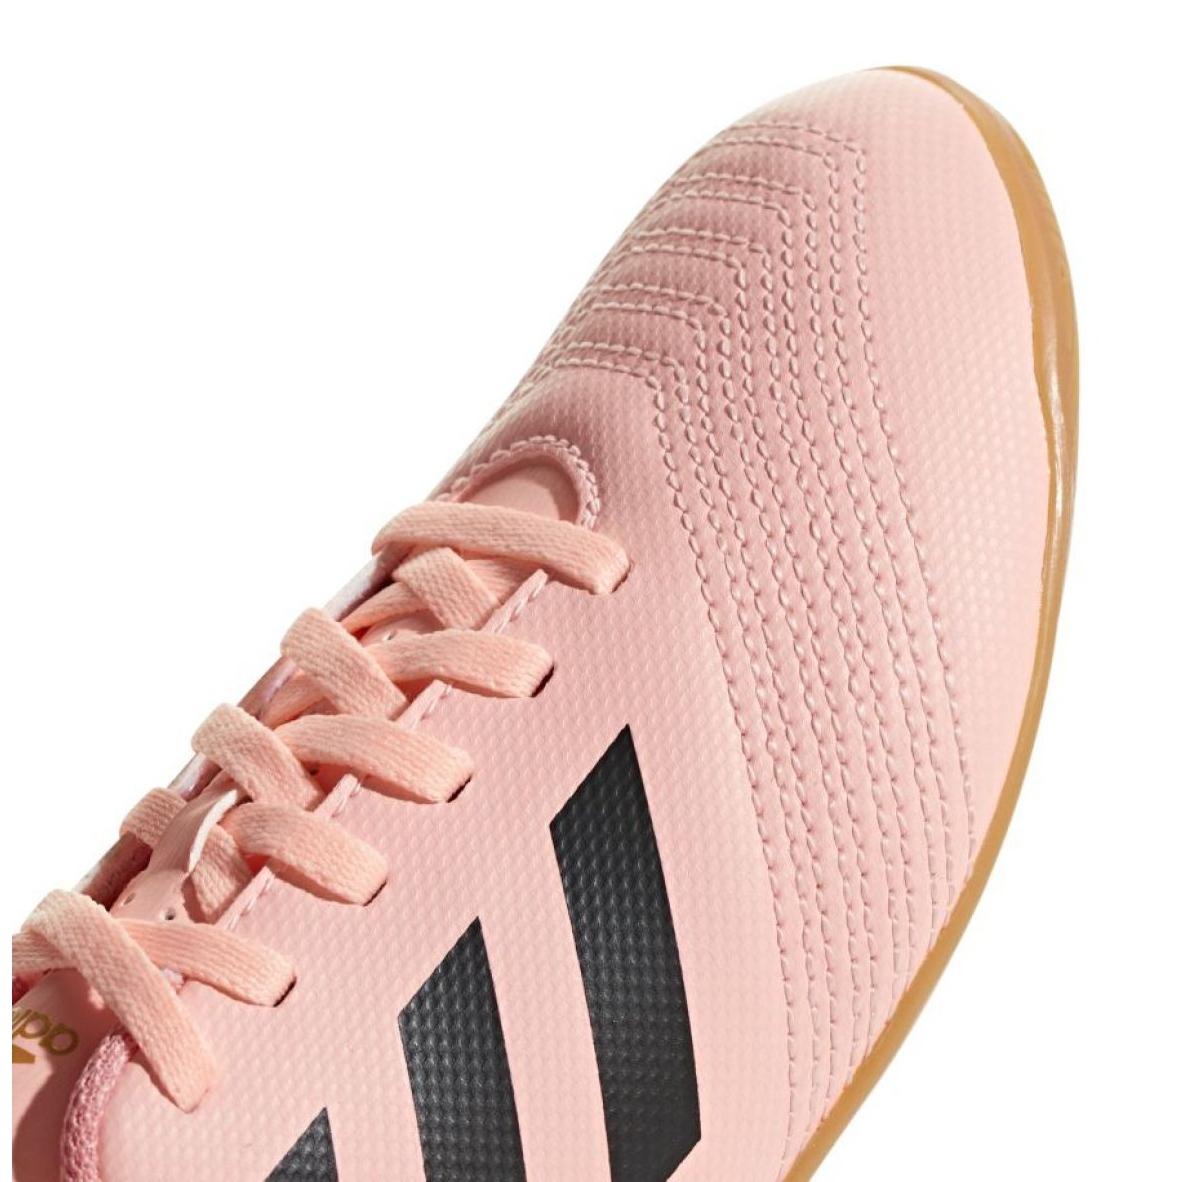 Details zu Adidas Predator Tango 18.4 In Jr. DB2337 Indoor Schuhen pink pink